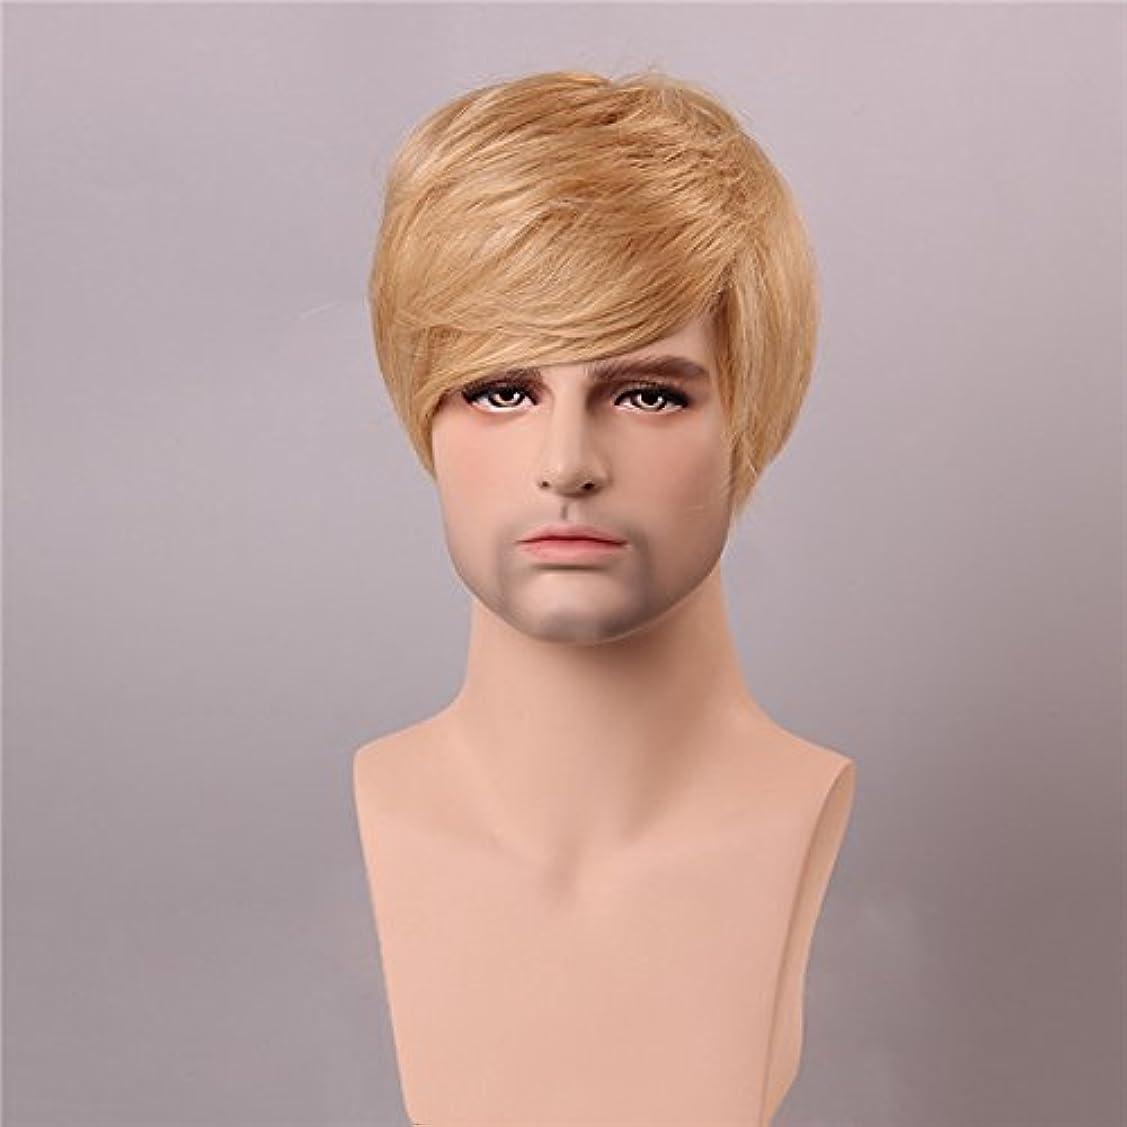 ゆるい宿命白菜YZUEYT ブロンドの男性短いモノラルトップの人間の髪のかつら男性のヴァージンレミーキャップレスサイドバング YZUEYT (Size : One size)